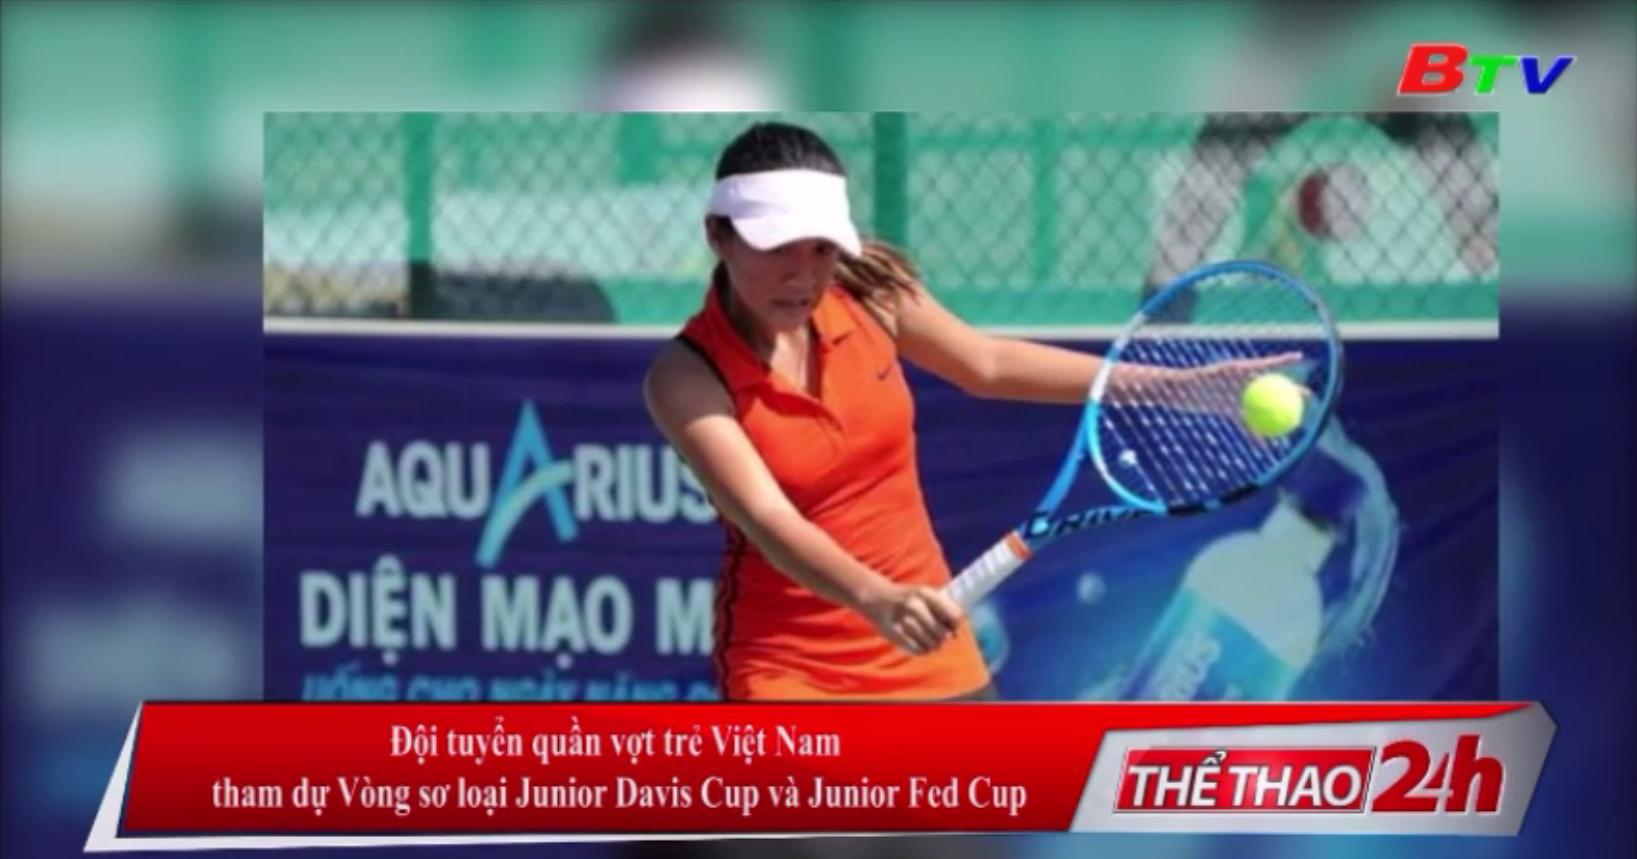 Đội tuyển quần vợt trẻ Việt Nam tham dự Vòng sơ loại Junior Davis Cup và Junior Fed Cup